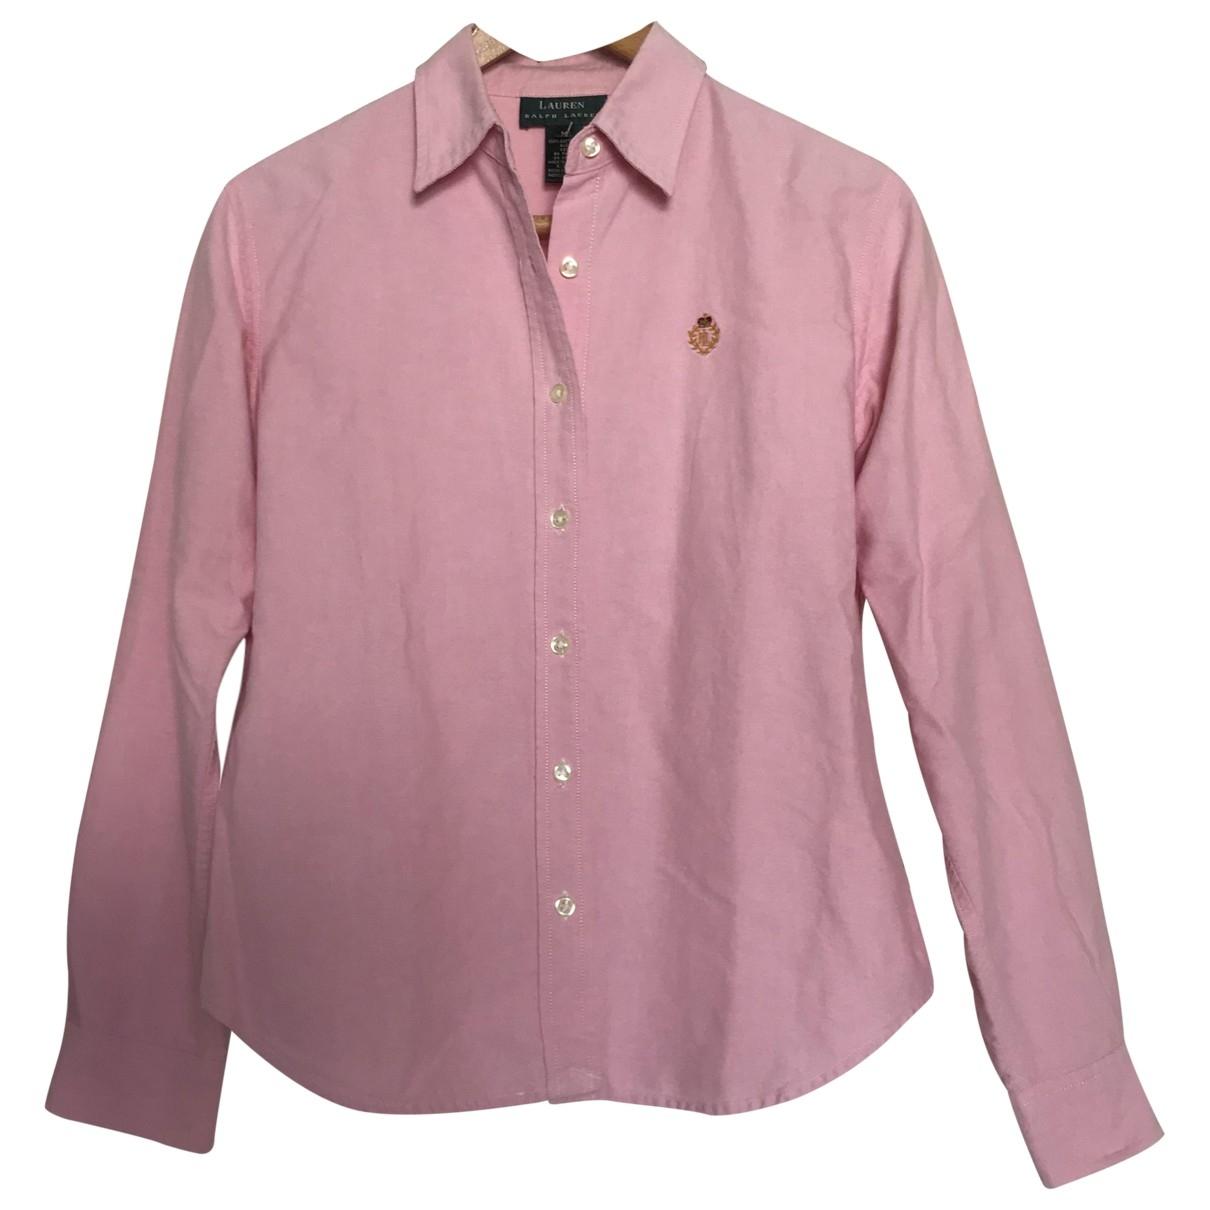 Lauren Ralph Lauren \N Pink Cotton  top for Women M International